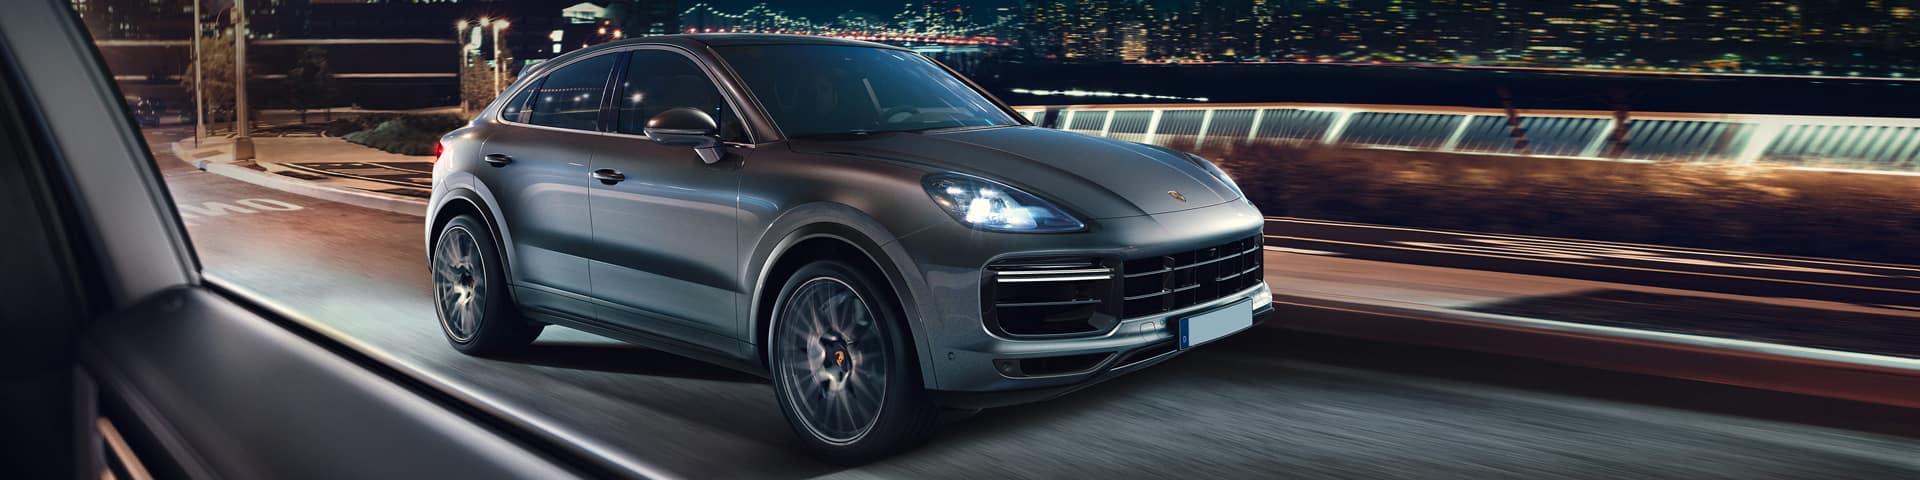 2021 Porsche Macan in Oklahoma City